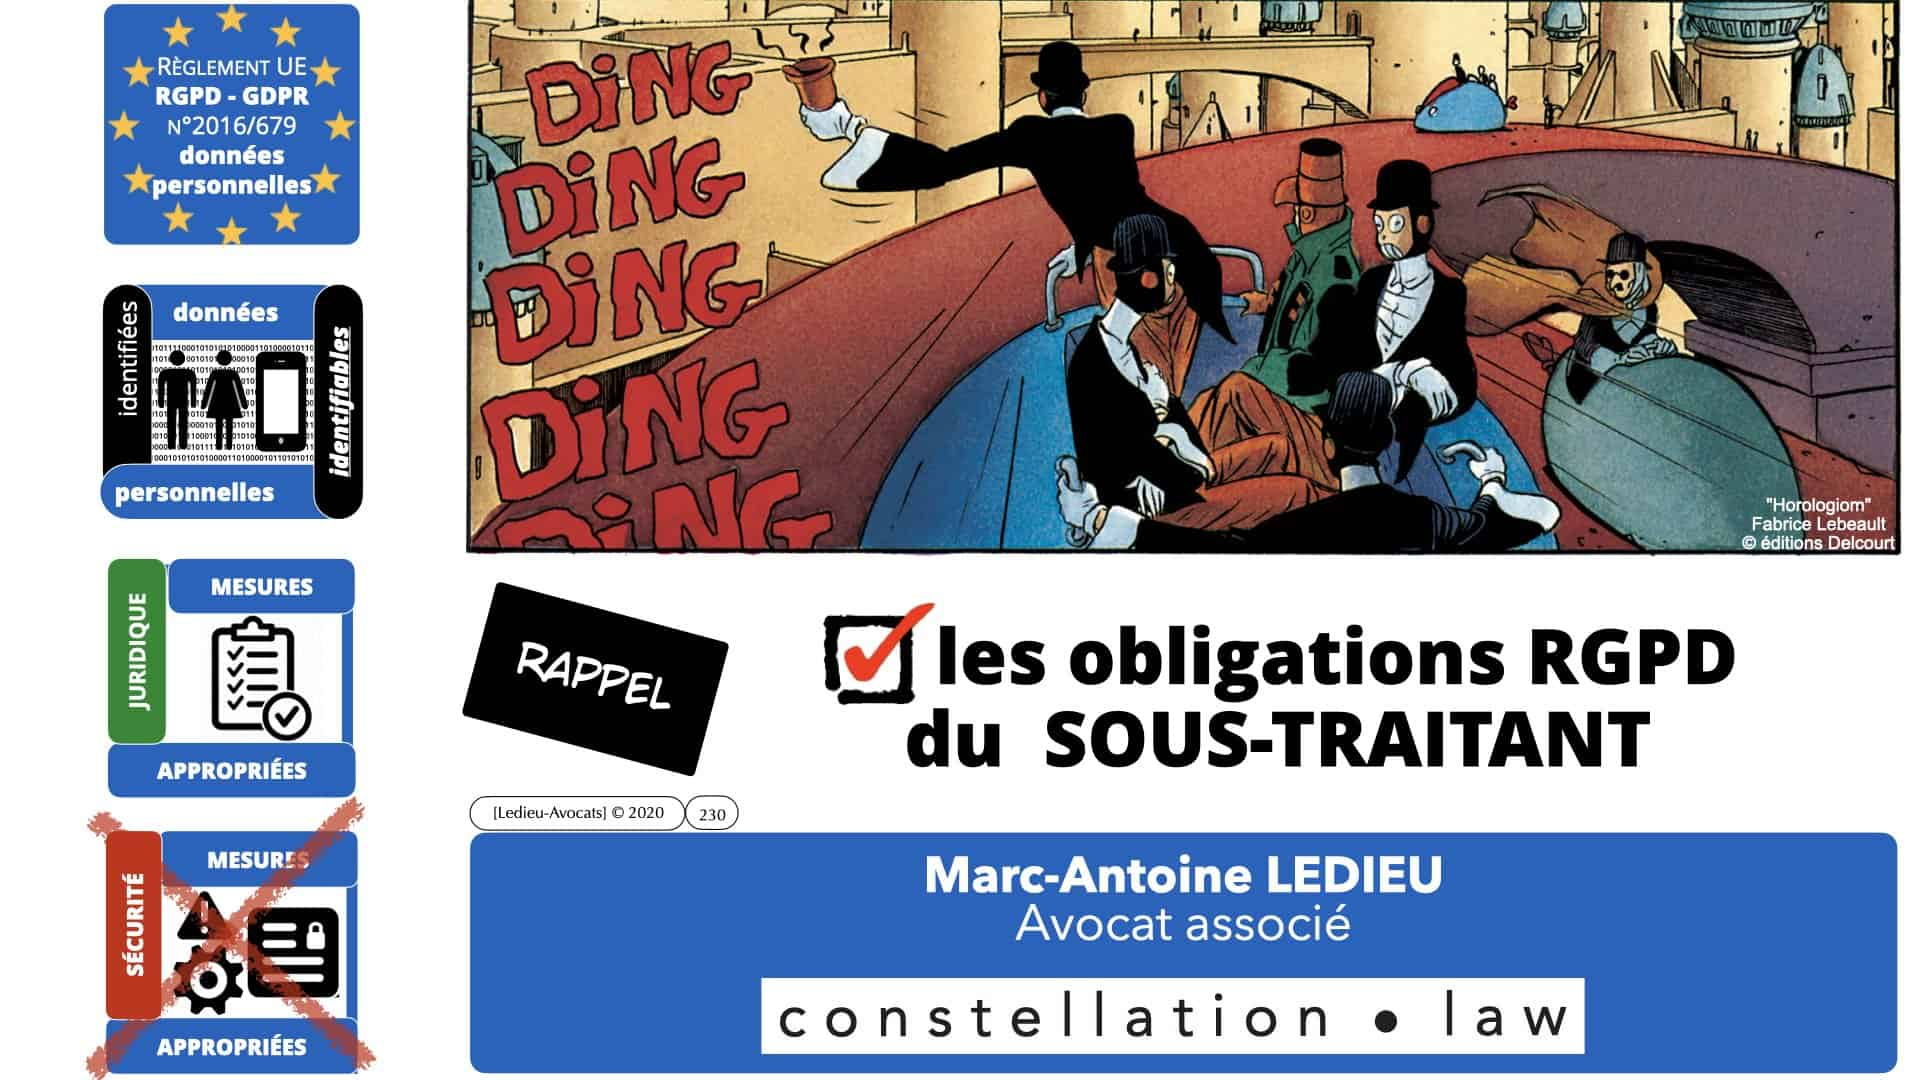 RGPD e-Privacy données personnelles jurisprudence formation Lamy Les Echos 10-02-2021 ©Ledieu-Avocats.230